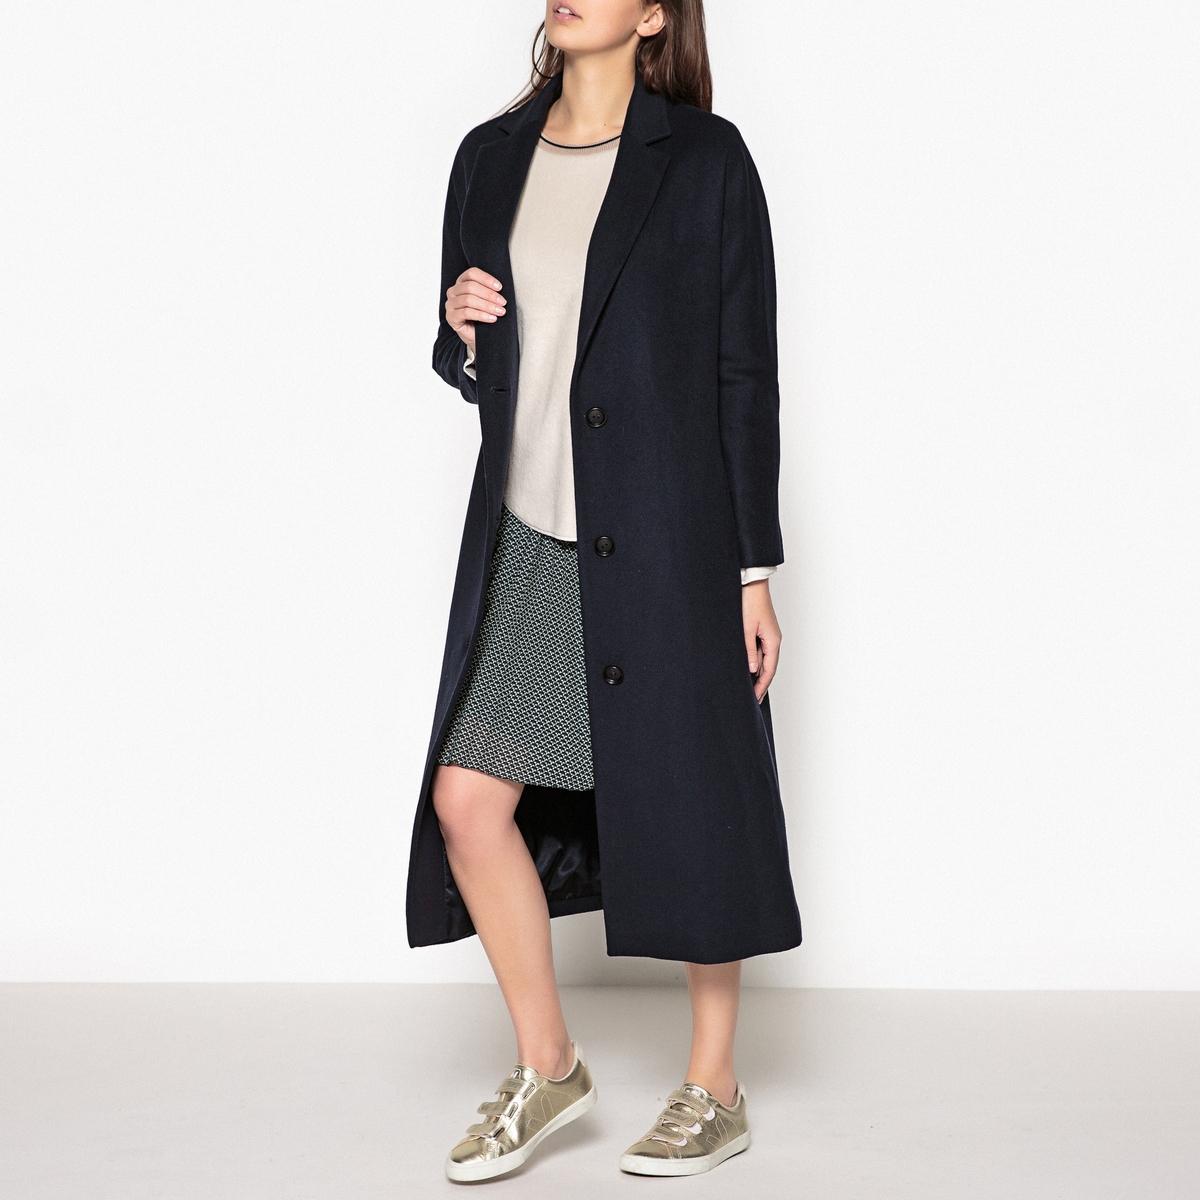 Пальто с рукавами-кимоно PAVONEОписание:Пальто длинное на пуговицах LA BRAND BOUTIQUE COLLECTION - модель PAVONE с рукавами-кимоно. Застежка на 3 пуговицы и зубчатый воротник  .Детали •  Длина  : удлиненная модель •   V-образный вырез • Застежка на пуговицыСостав и уход •  70% шерсти, 10% кашемира, 20% полиамида •  Следуйте советам по уходу, указанным на этикетке •  Рекомендуется заказывать на размер меньше Вашего обычного размера.<br><br>Цвет: темно-синий